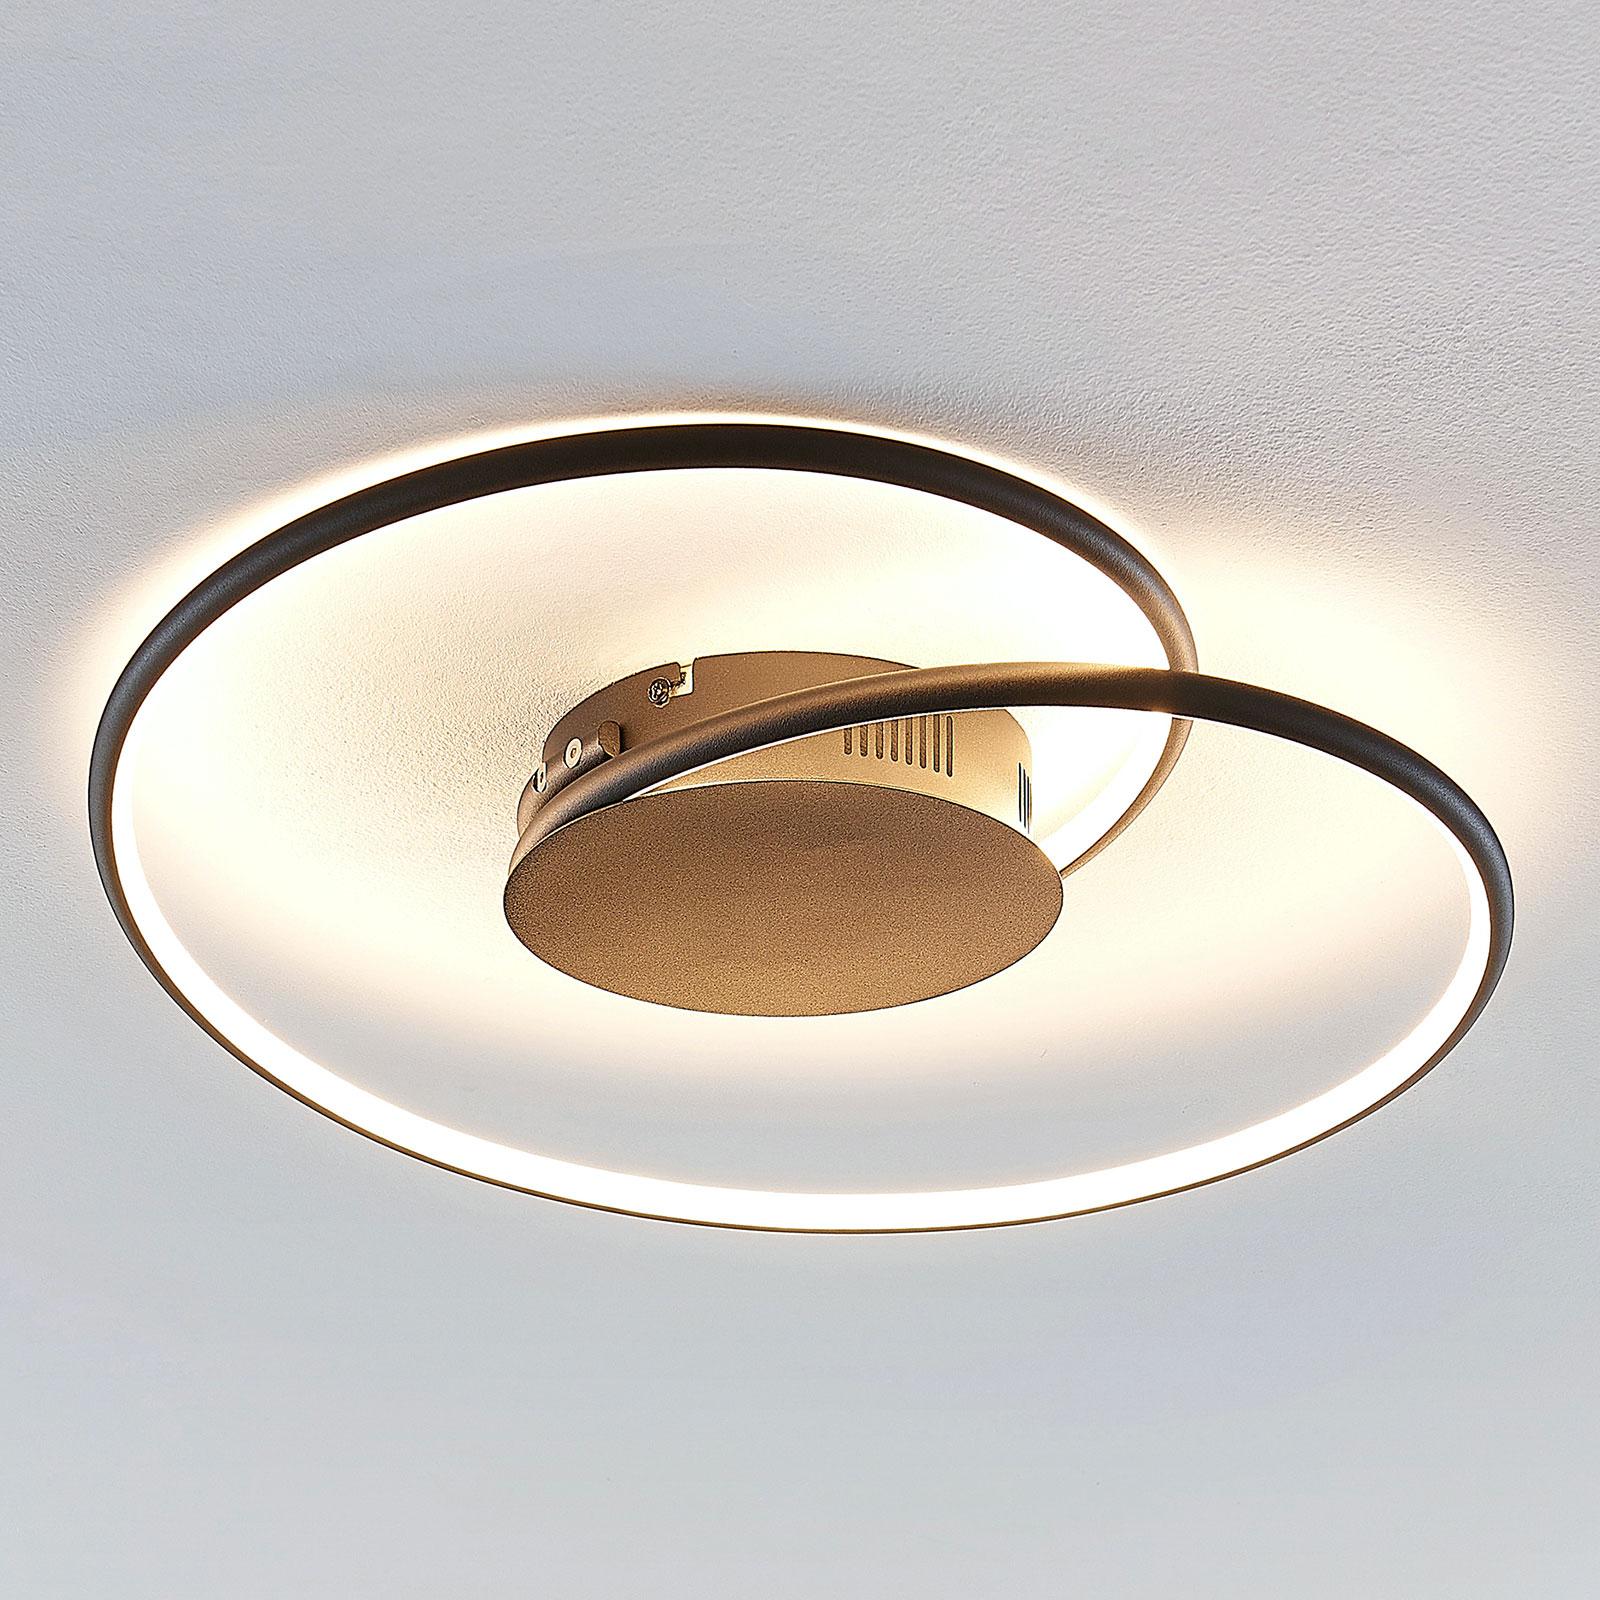 Lindby Joline LED-Deckenleuchte, schwarz, 45 cm